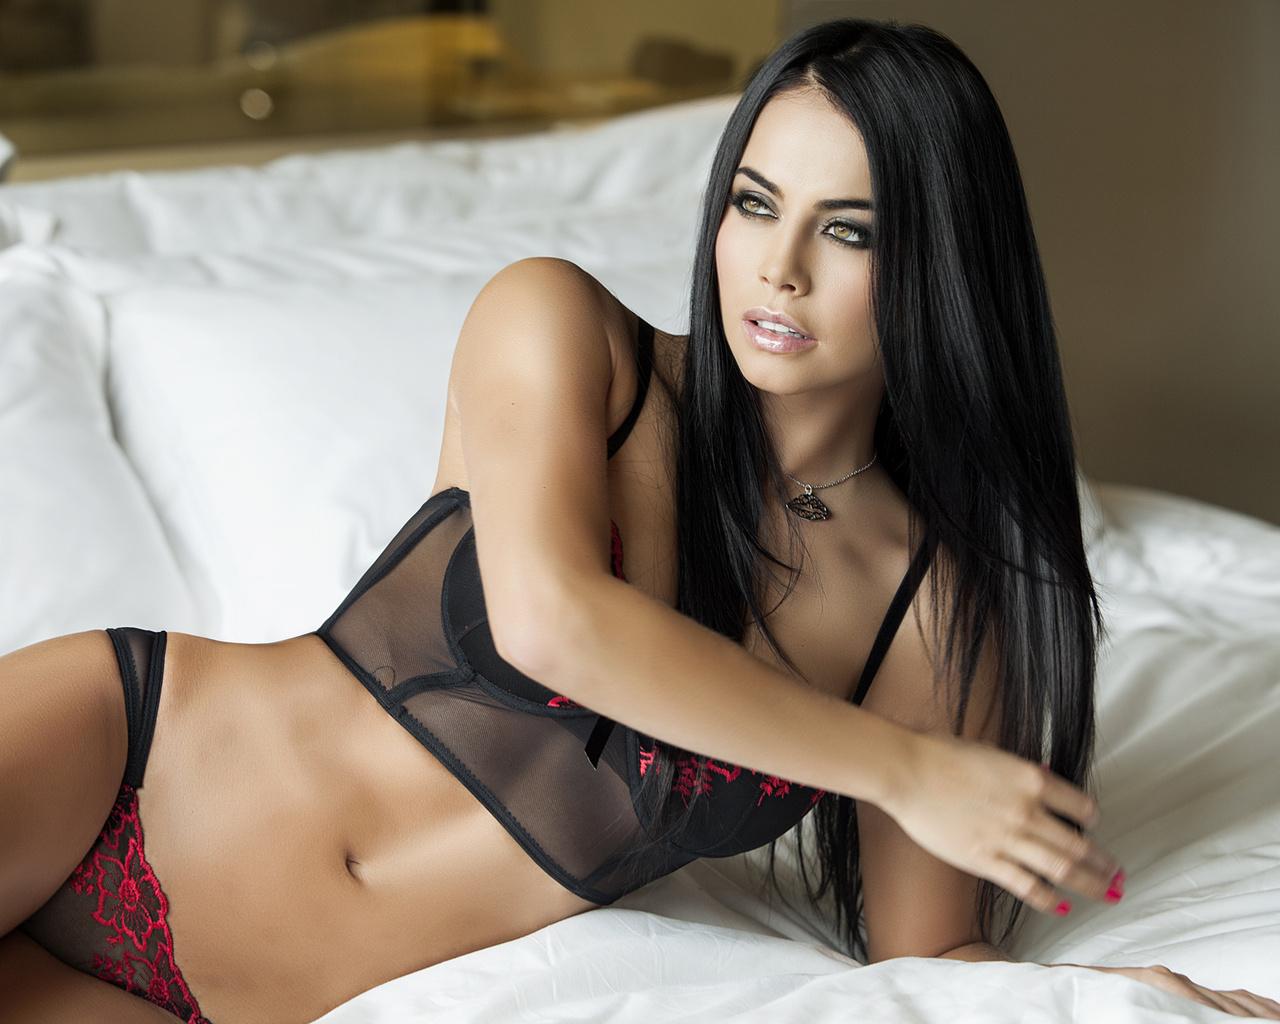 Сексуальные фотографии красивых девушек, Сексуальные девушки и красивые сексуальные телки 26 фотография